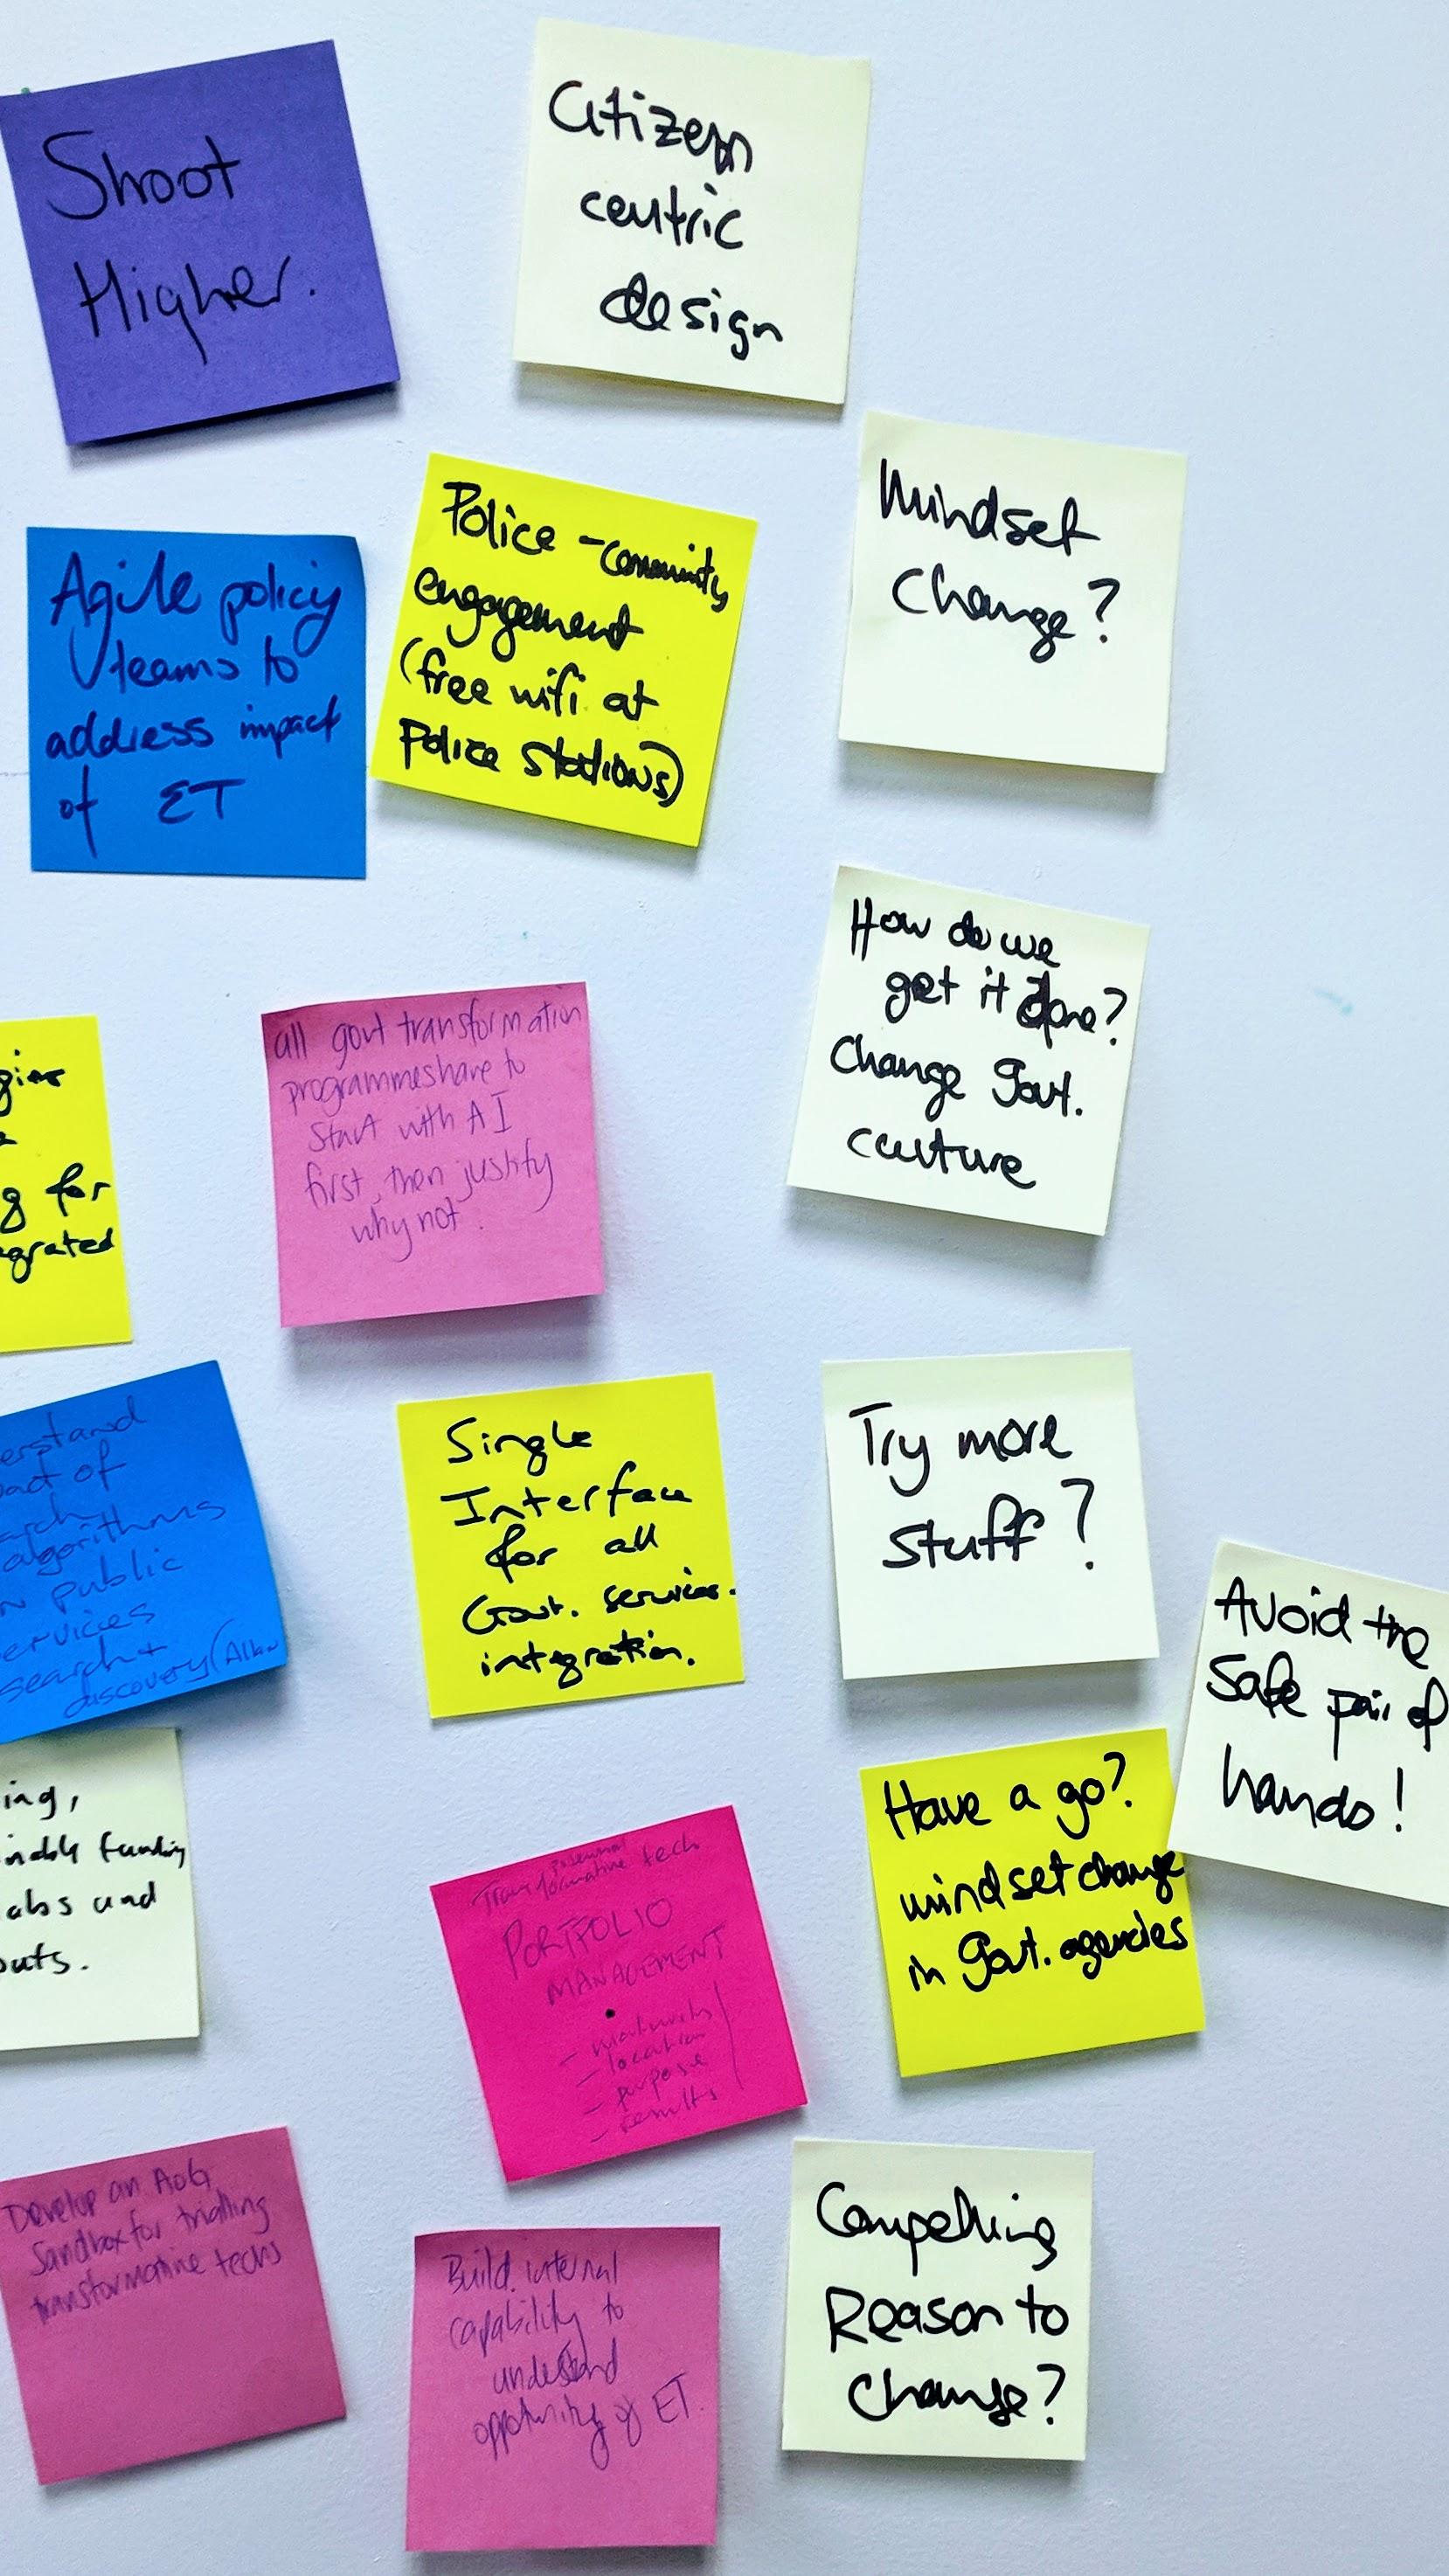 Civil servant dreams.on Post-It notes